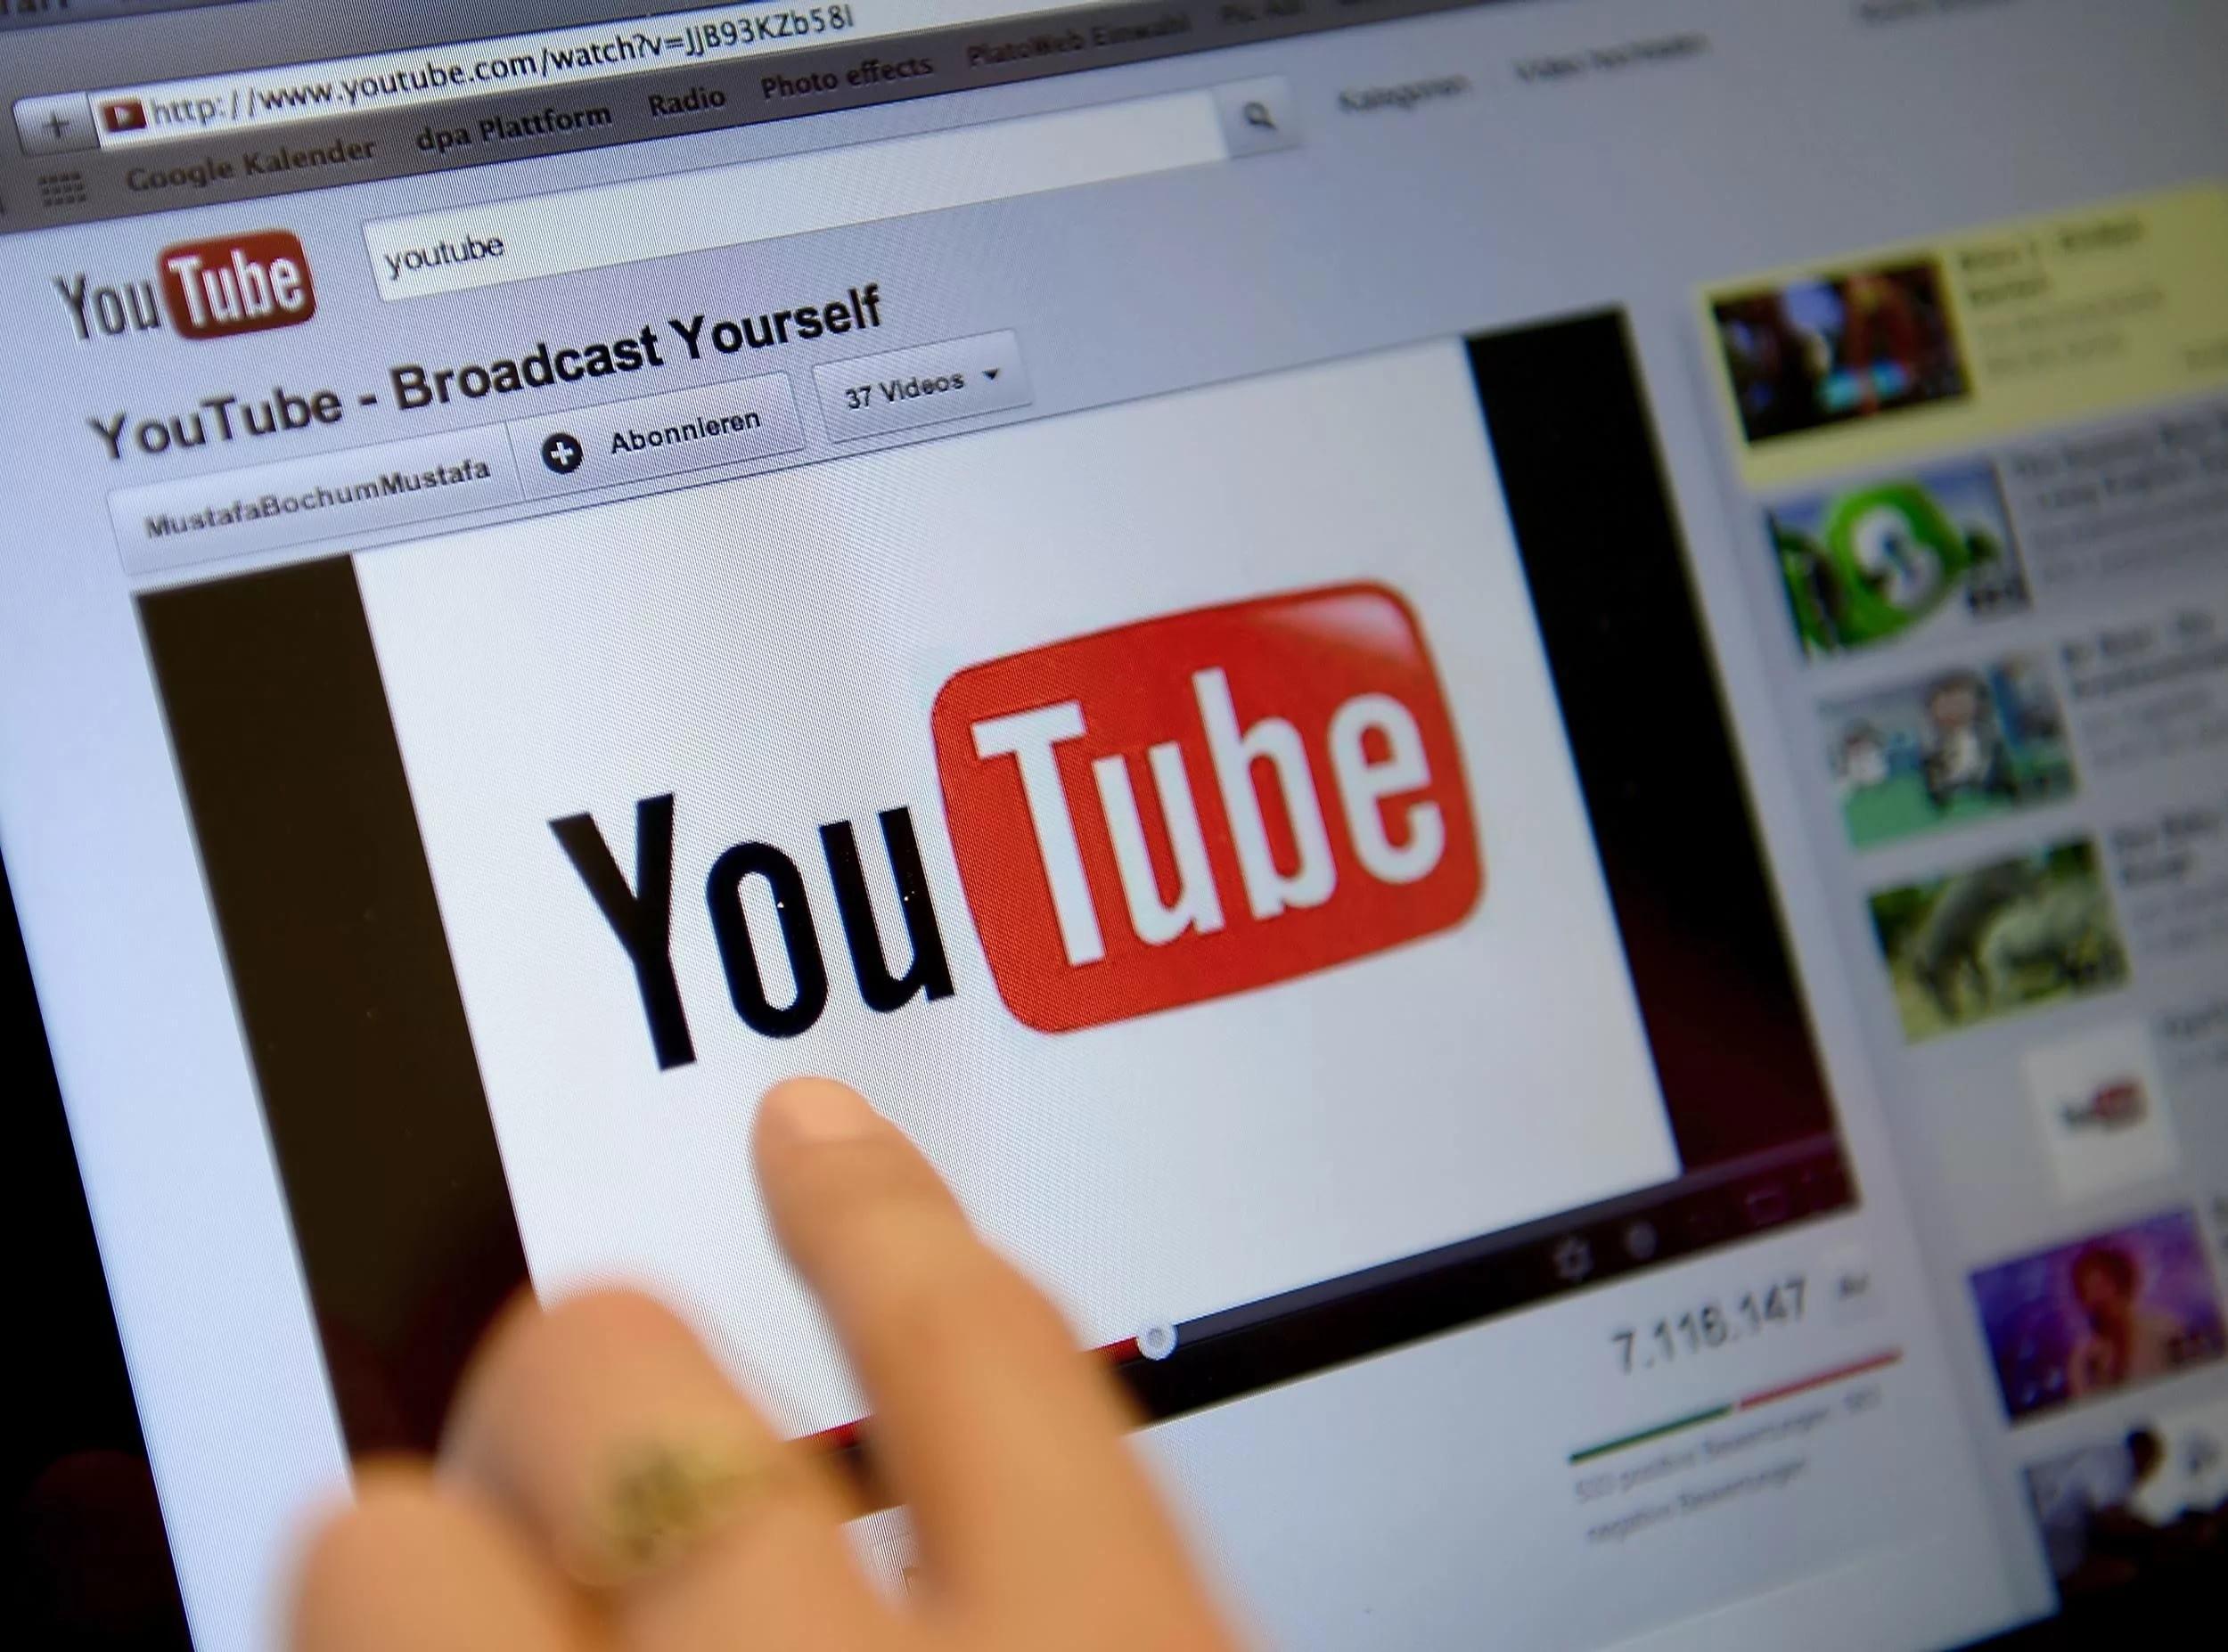 You TubeTV транслируют в 5-ти городах США